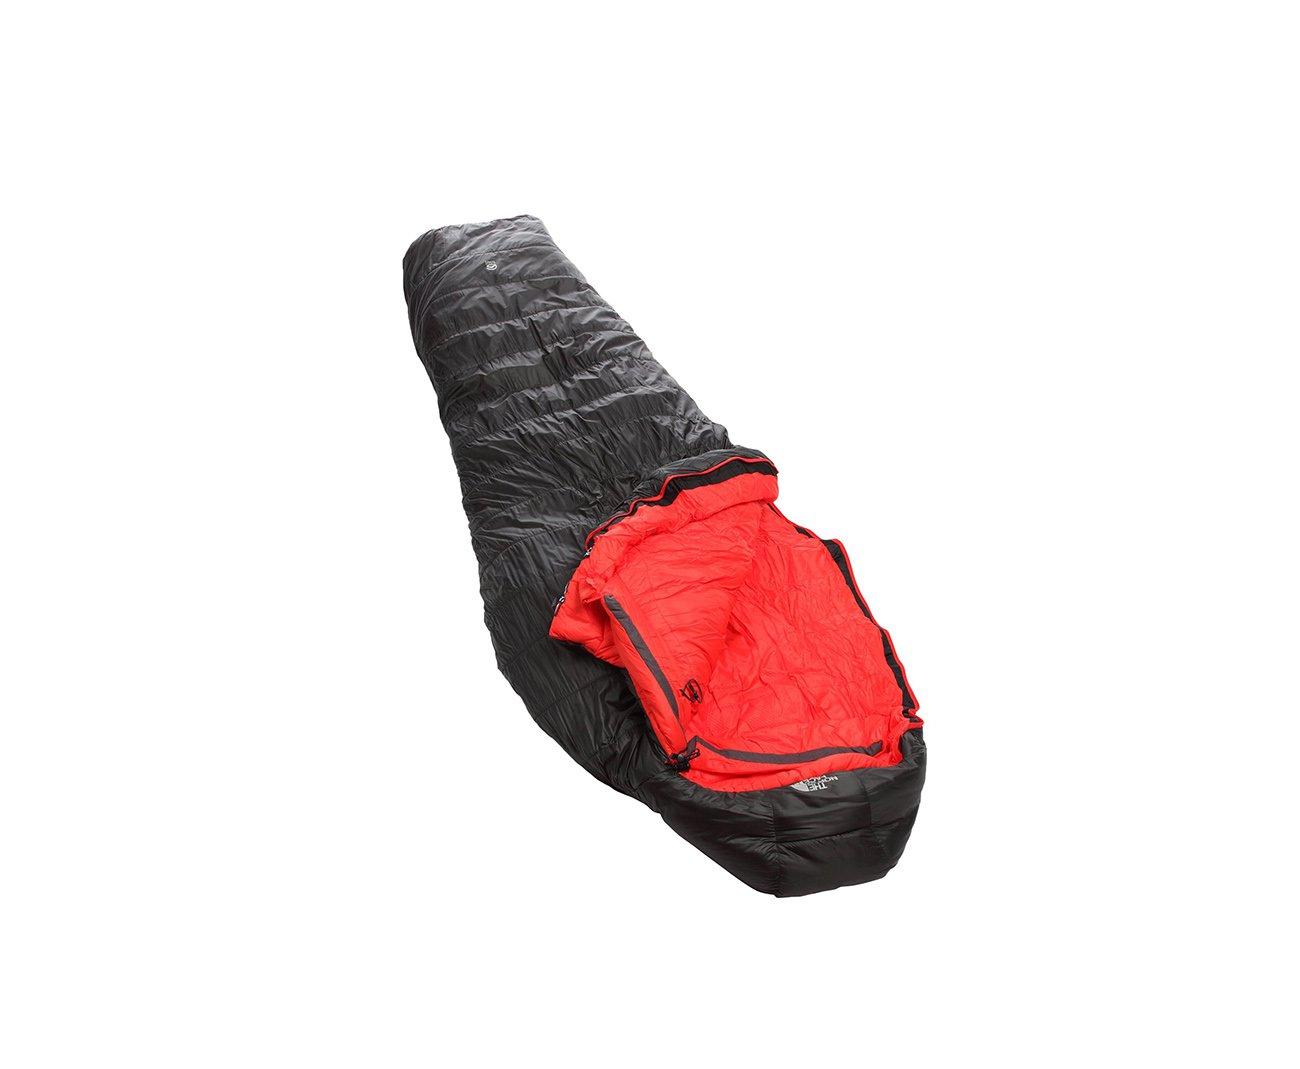 Saco De Dormir Dark Star -40°f / -40°c Grafite/vermelho - The North Face